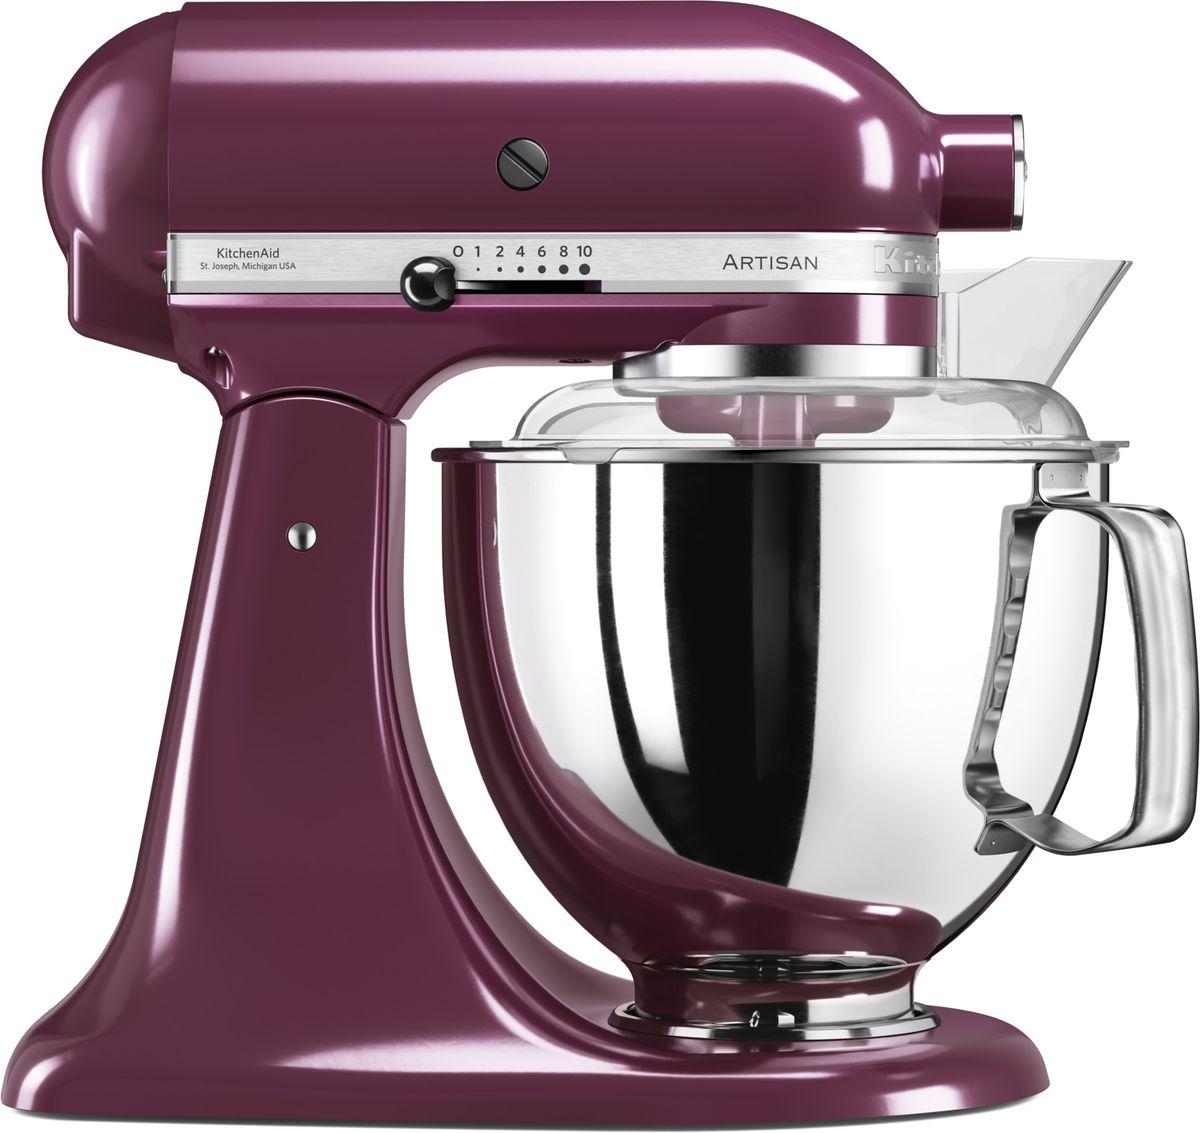 KitchenAid Artisan, Purple миксер планетарный (5KSM175PSEBY)5KSM175PSEBYМиксер KitchenAid Artisan - это уникальное многофункциональное устройство, практически не имеющее аналогов на рынке техники для дома и кухни. Сочетание классического элегантного дизайна и высокой мощности, соответствующей стандартам профессионального оборудования, делает этот миксер фаворитом не только на домашней кухне, но и на рабочем столе мастеров поварского искусства. Откидывающаяся головка миксера KitchenAid Artisan позволяет легко менять насадки и устанавливать чашу. Миксер имеет 10 скоростных режимов, от медленного смешивания до высокоскоростного взбивания. Базовая комплектация миксера включает: чашу объемом 4,83 литра, крюк для теста, венчик для взбивания, насадку- лопатку для перемешивания, крышку для чаши и защитный обод с воронкой для засыпания продуктов. Этого набора достаточно, чтобы миксер успешно выполнял базовые функции. В передней части привода миксера KitchenAid имеется еще одно гнездо для подсоединения дополнительных насадок....